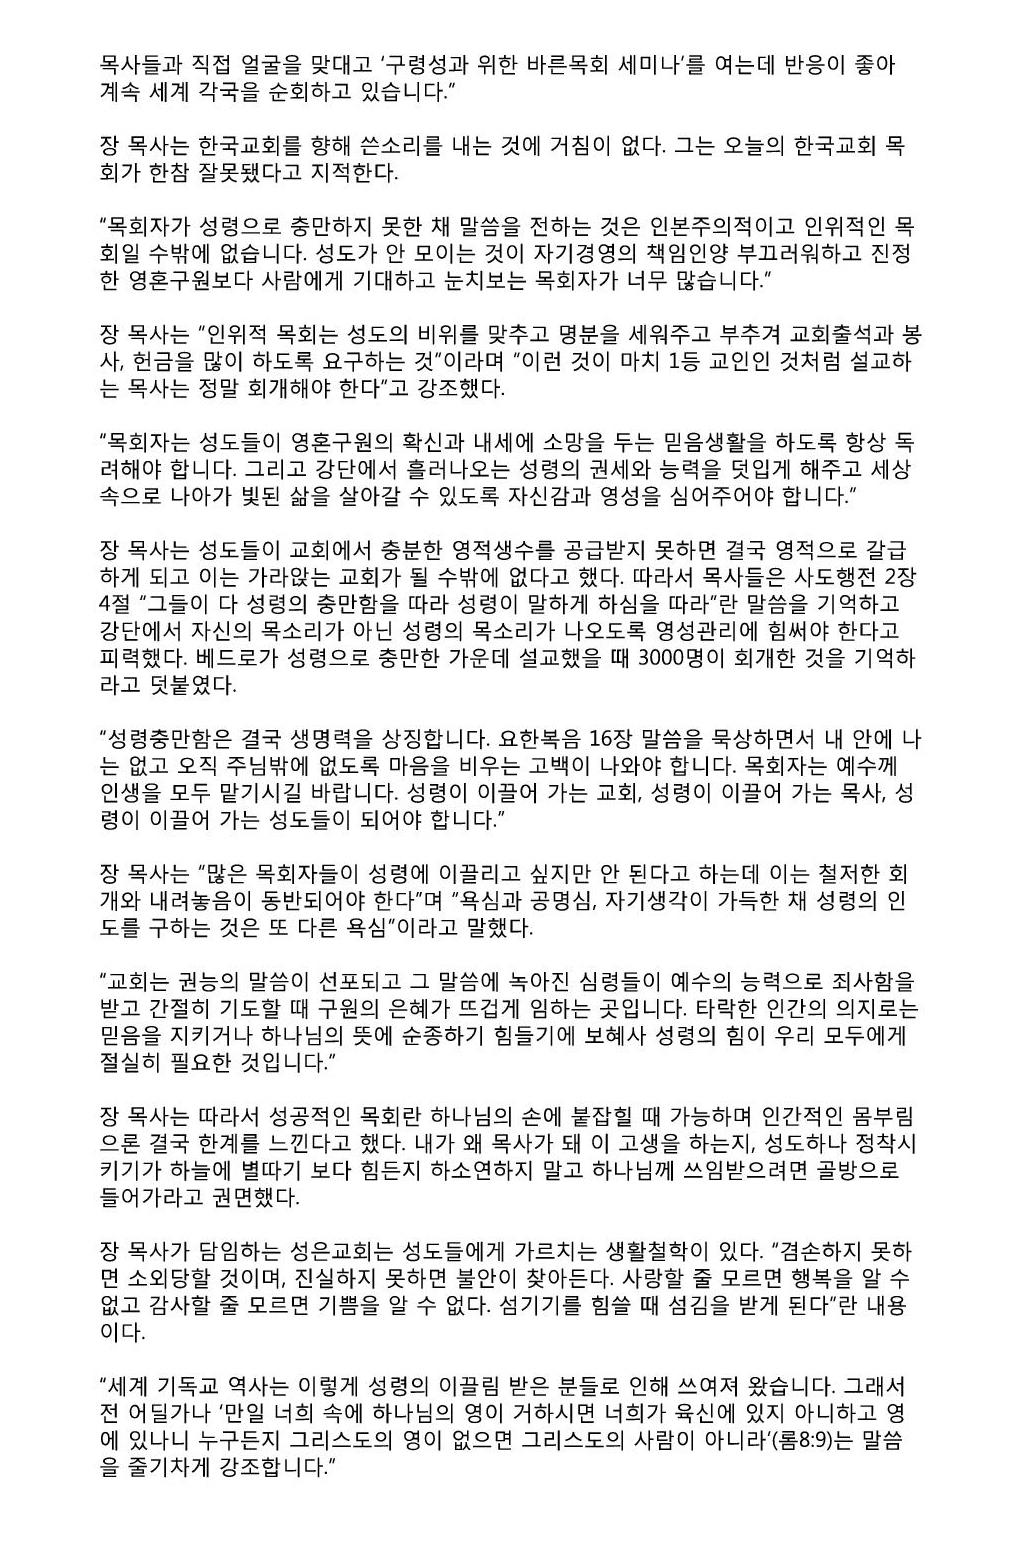 신문기사 4 수정본.jpg